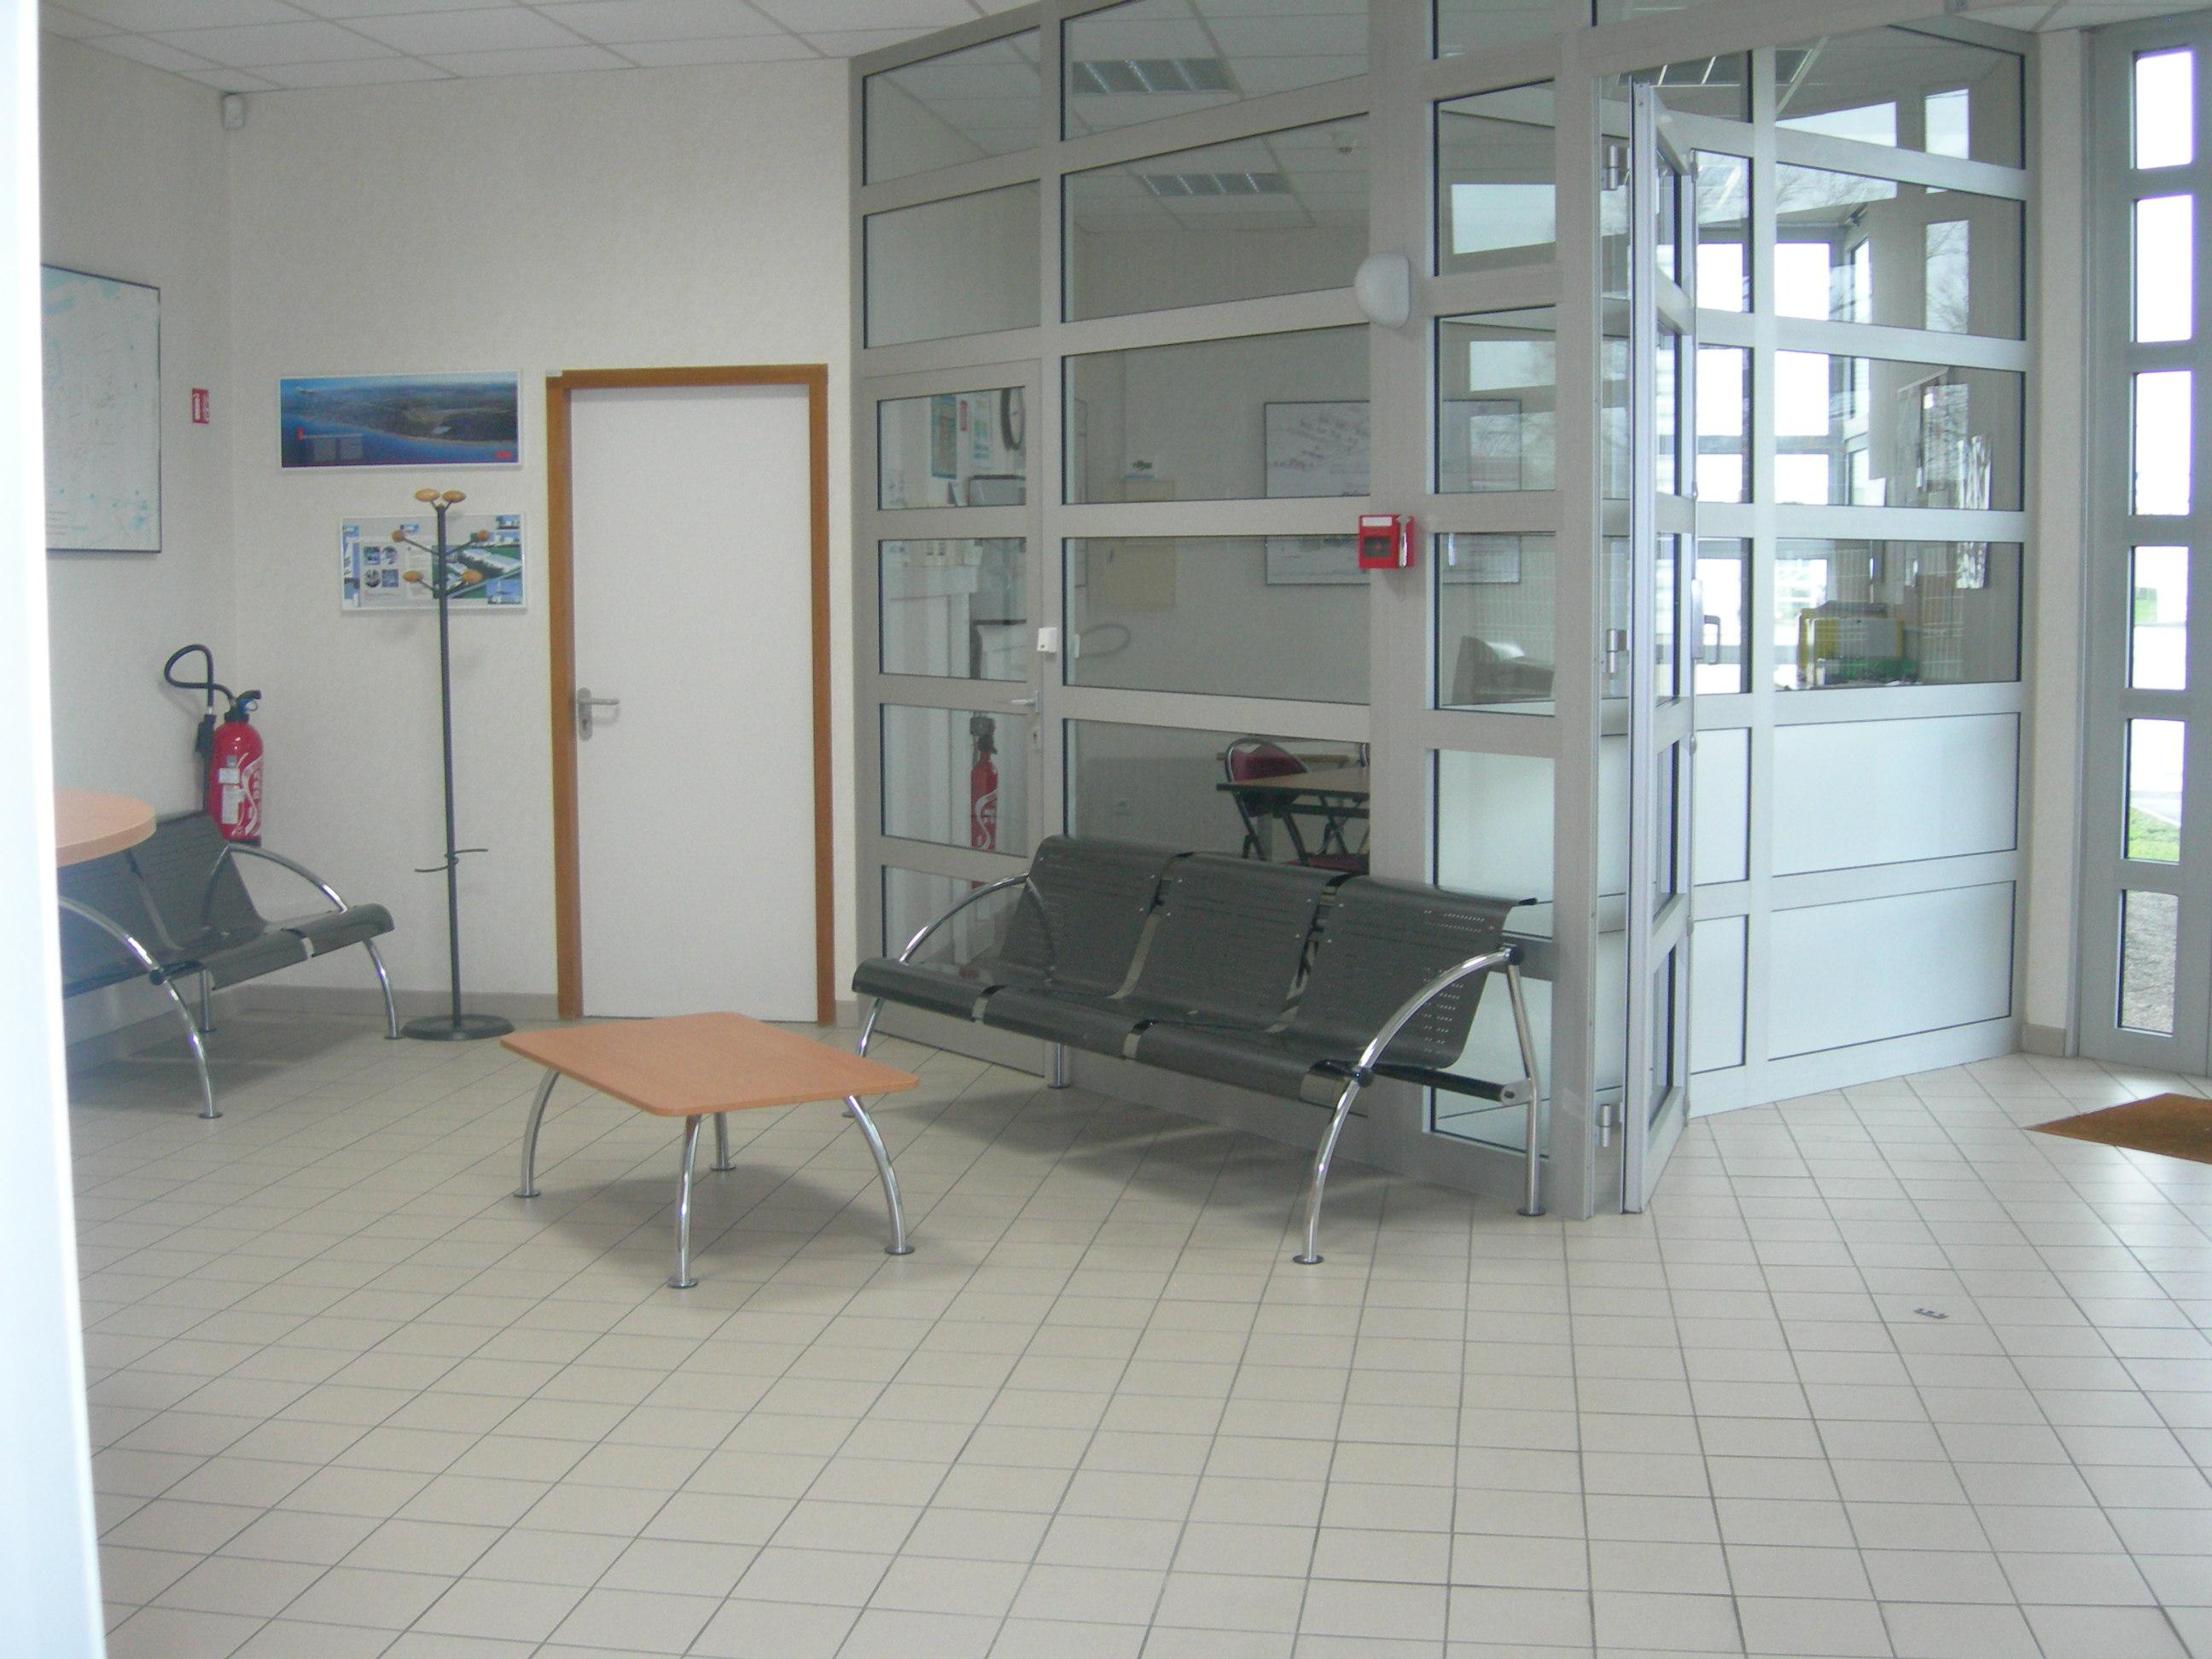 Doret 1 Calais B9 Couloir b